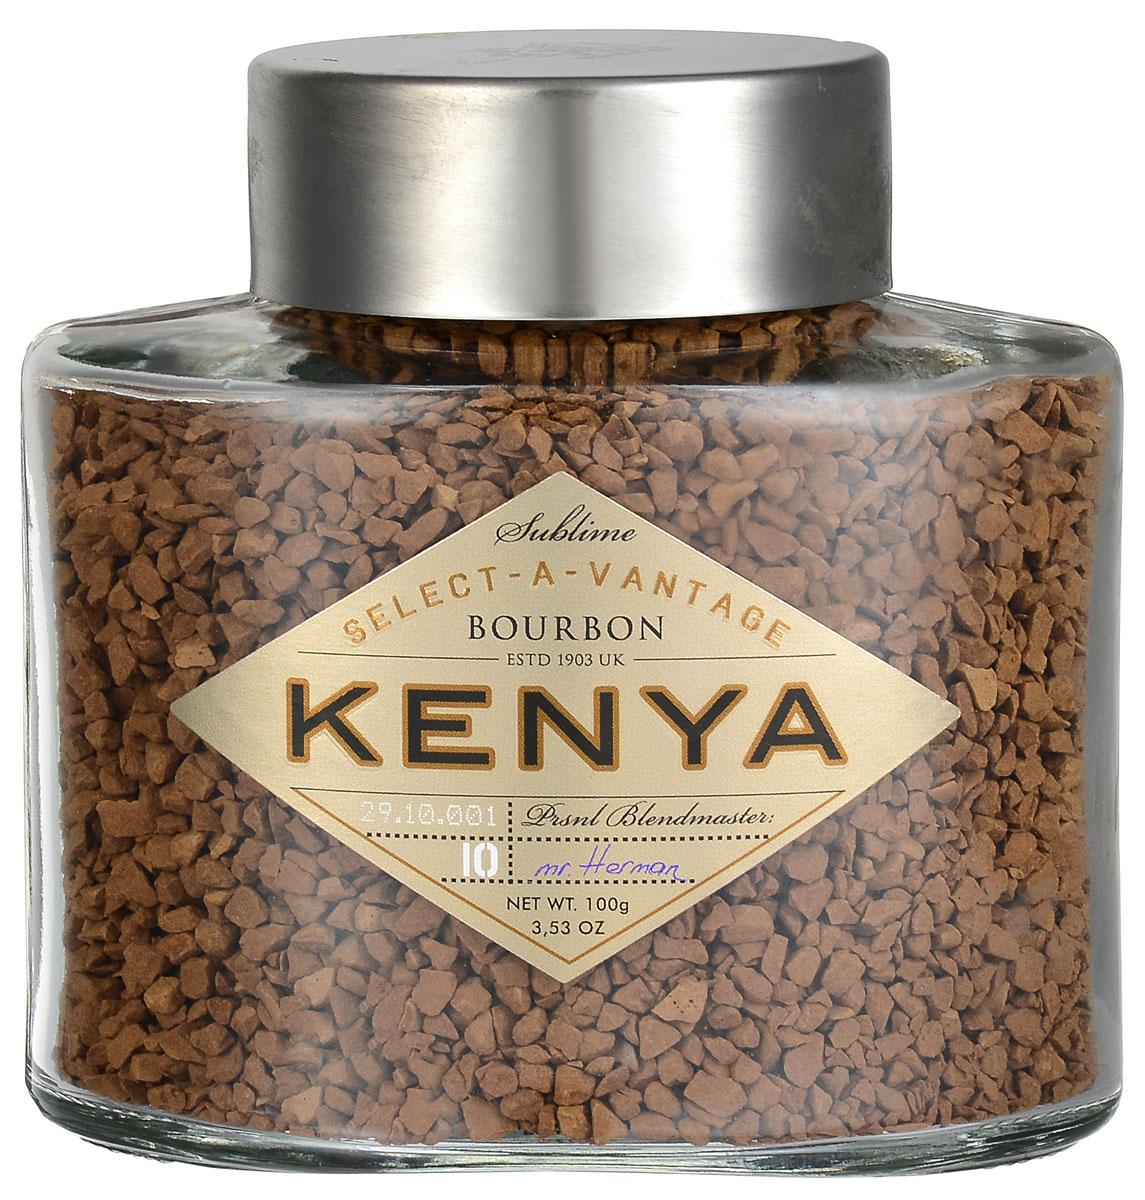 Bourbon Select-a-Vantage Kenya кофе растворимый, 100 г0120710На аукционе в Найроби отобрали редкие крупные зерна арабики, выросшей на восточном склоне горы Элго. Вот почему кофе Bourbon Select-a-Vantage Kenya имеет такой,особенный, умеренно винный привкус, с легкой пряностью и апельсиновым оттенком.